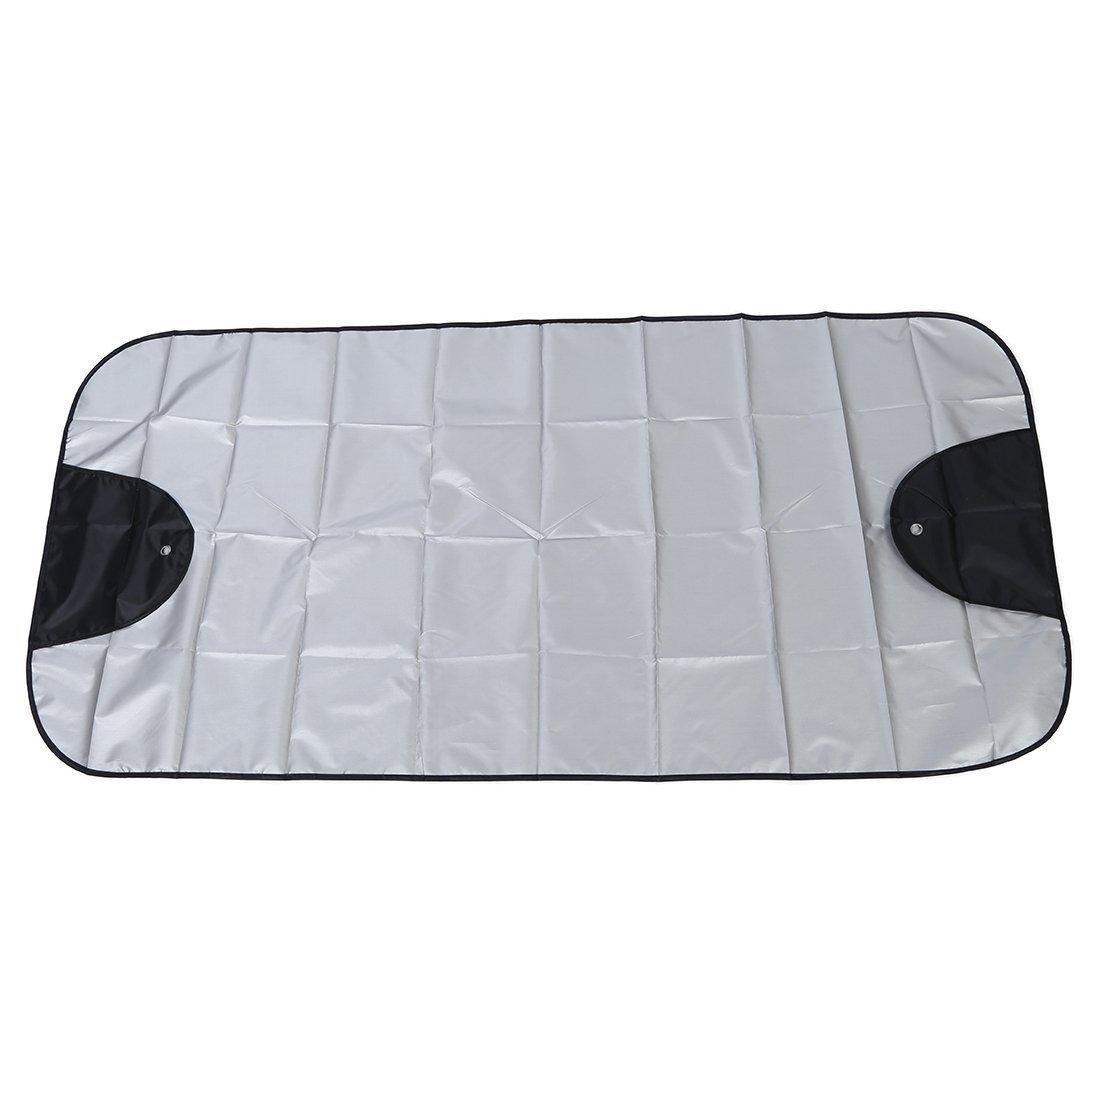 Cubierta del parabrisas del coche - TOOGOO(R) Cubierta del parabrisas del coche Sombra de sol protector contra el polvo escudo de hielo anti escarcha nieve Negro Plata 068417